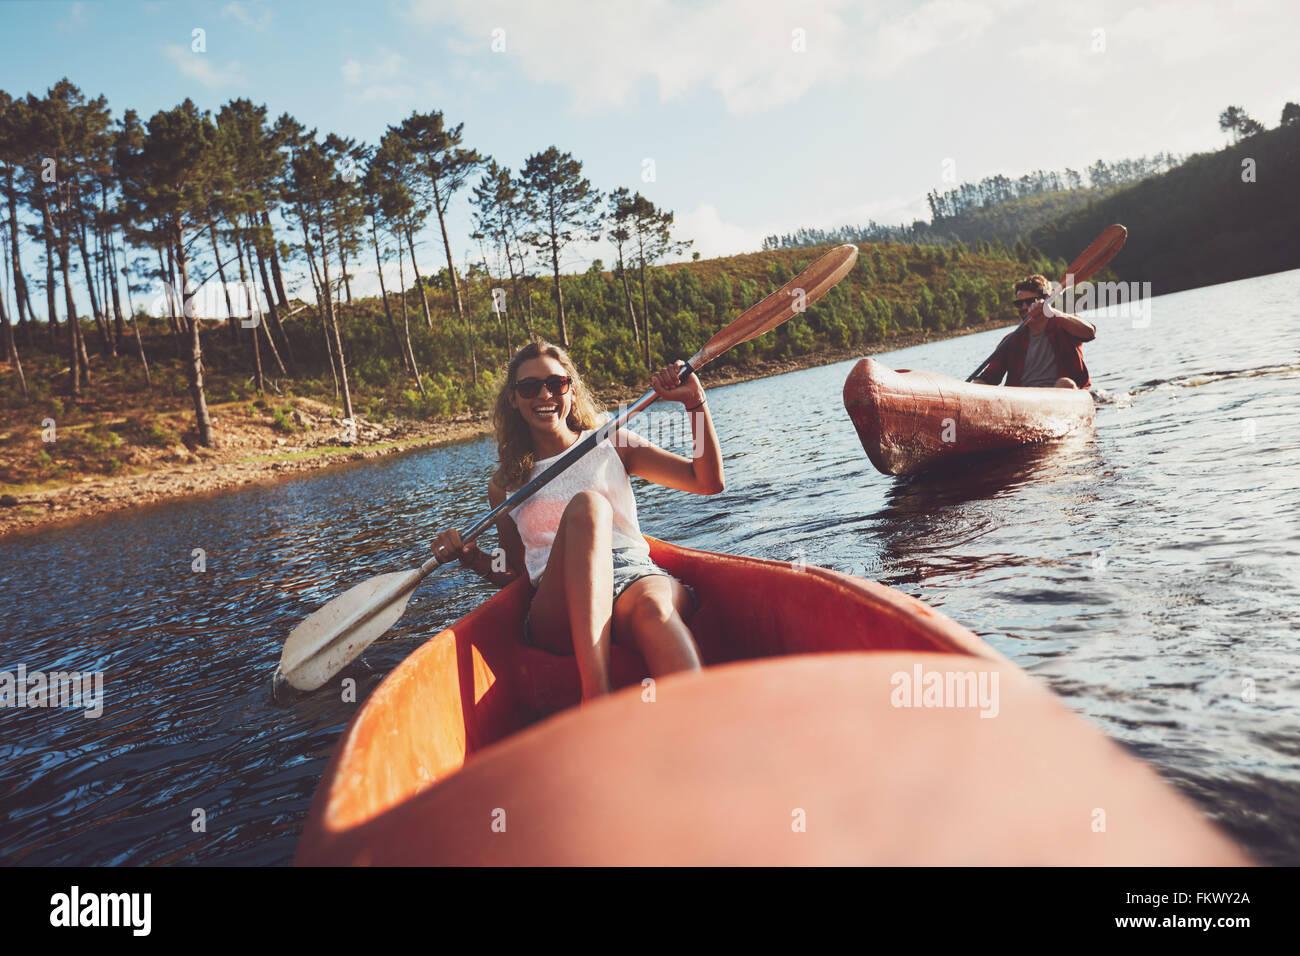 Junge Menschen an einem See paddeln. Lächelnde junge Frau Kajakfahrer mit einem Mann im Hintergrund Kajak zu Stockbild